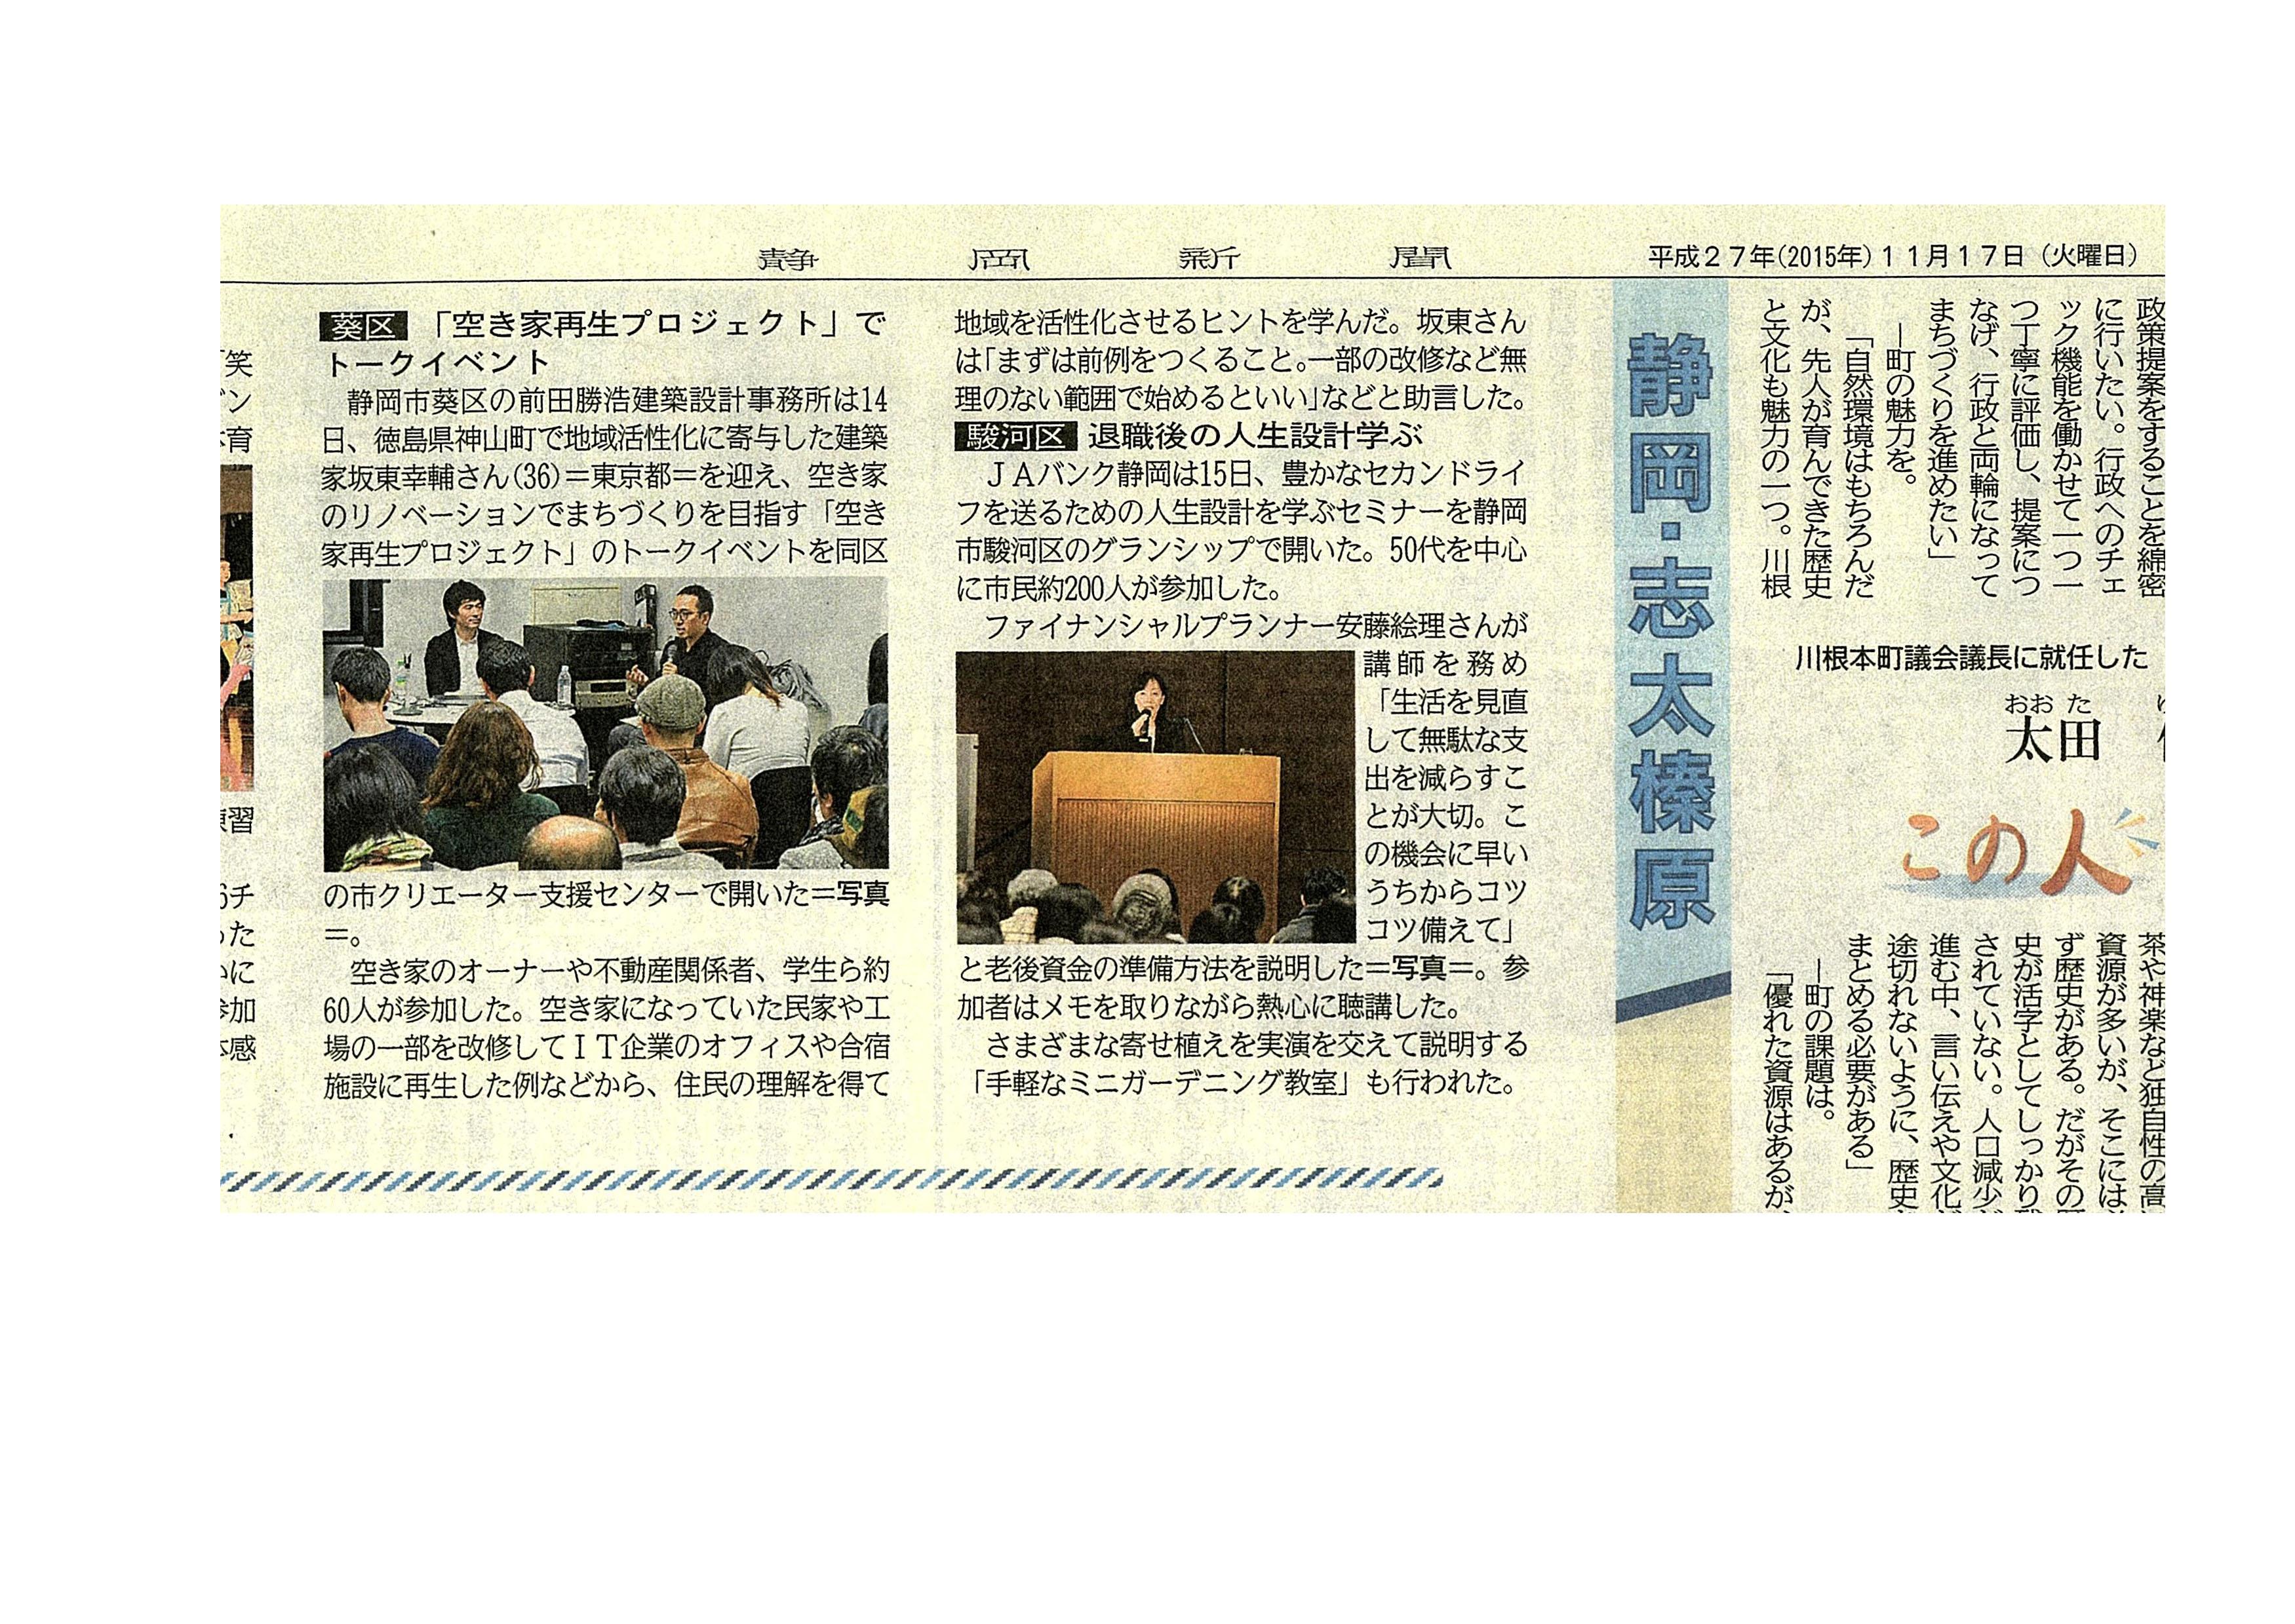 静岡新聞11月17日朝刊のコピー